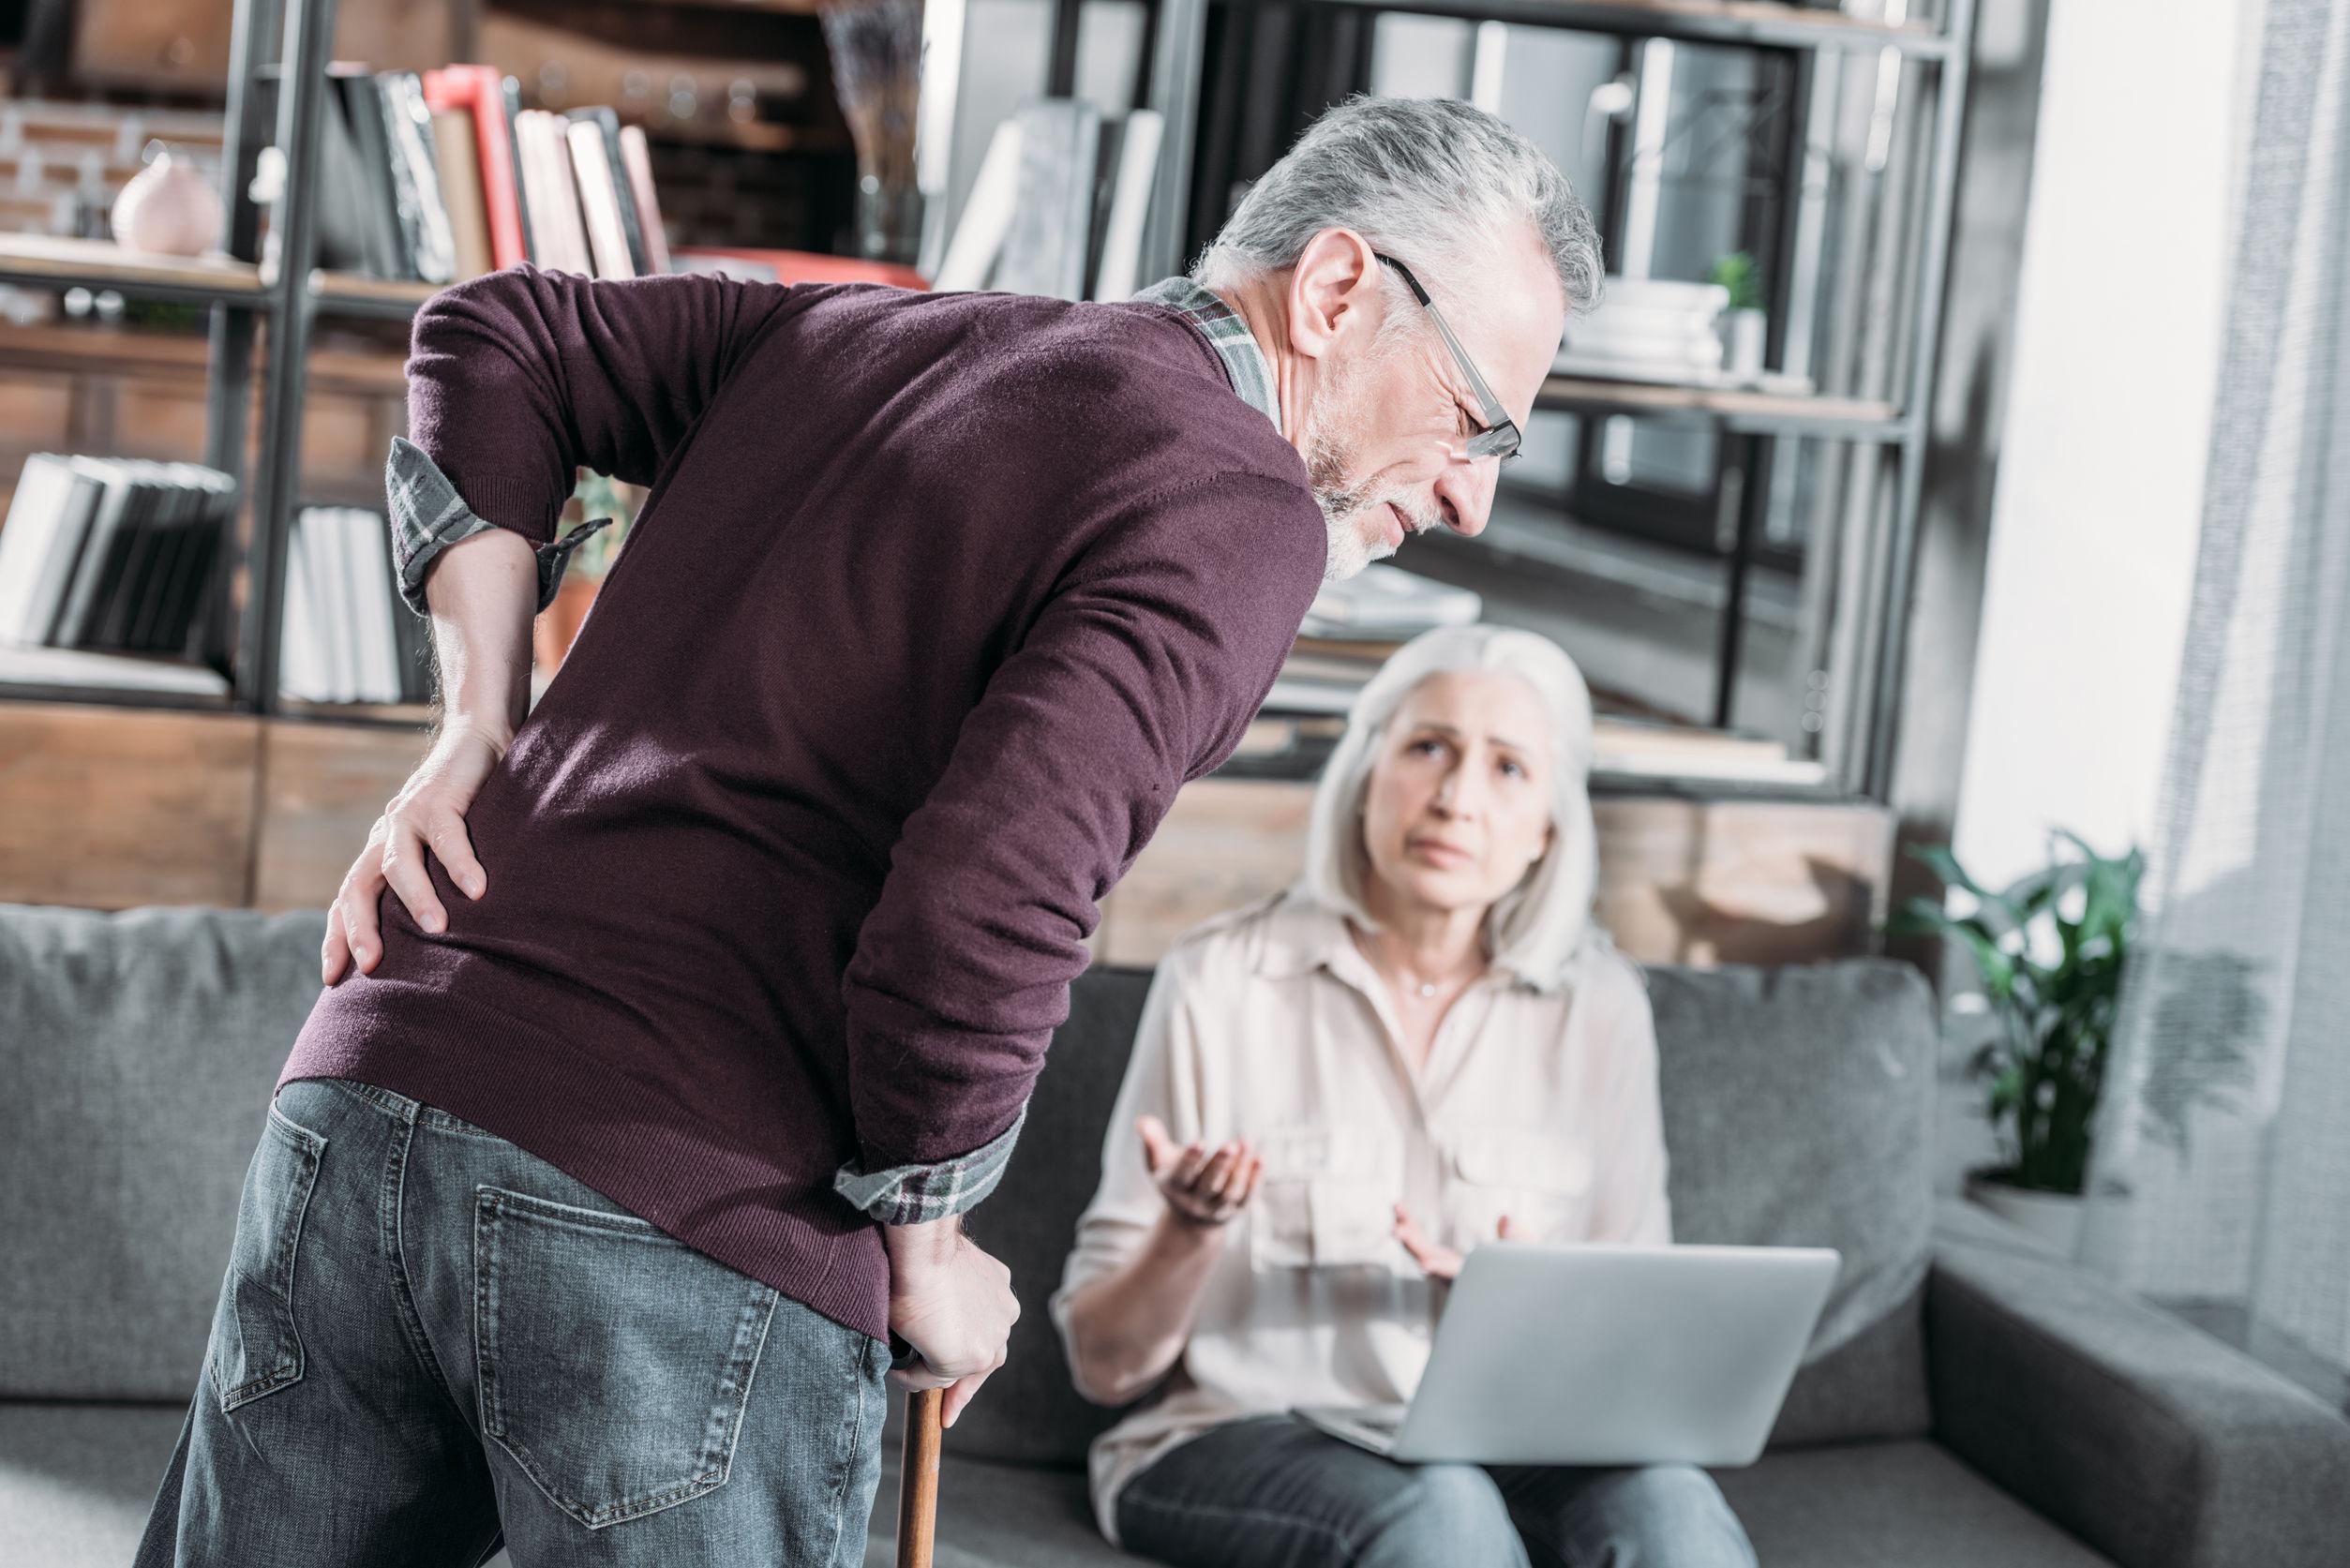 Ein älterer Herr leidet unter durch Osteoporose verursachte Rückenschmerzen.